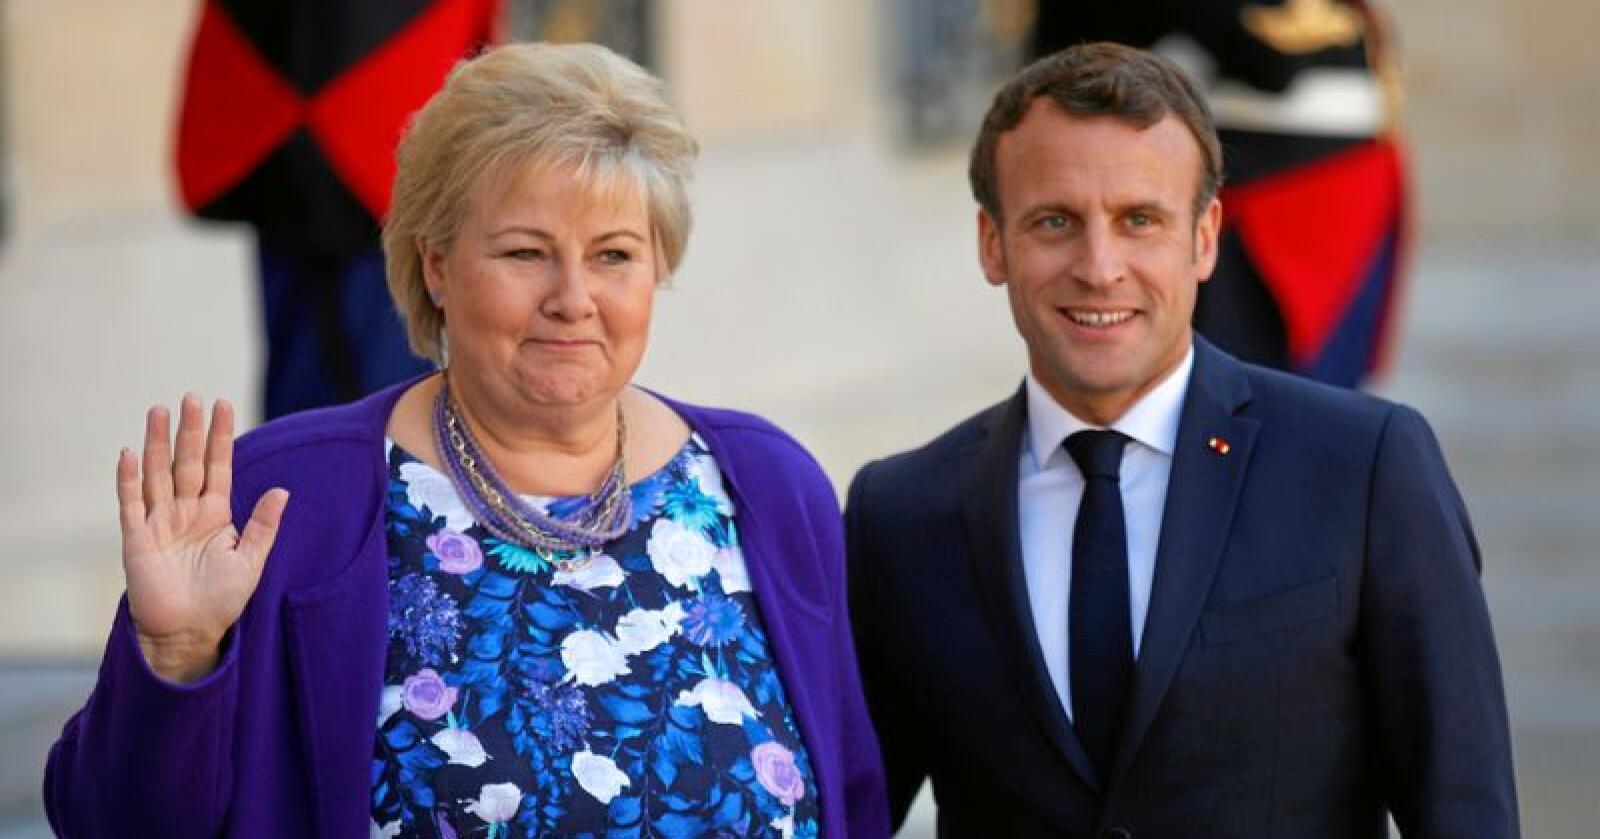 Erna Solberg uttalte seg om fødeavdelingene i Kristiansund og Molde på vei til Christchurch Summit, et toppmøte om terrorinnhold på nettet. Hun ble tatt imot av Frankrikes president Emmanuel Macron. Foto: (AP Francois Mori / NTB scanpix)